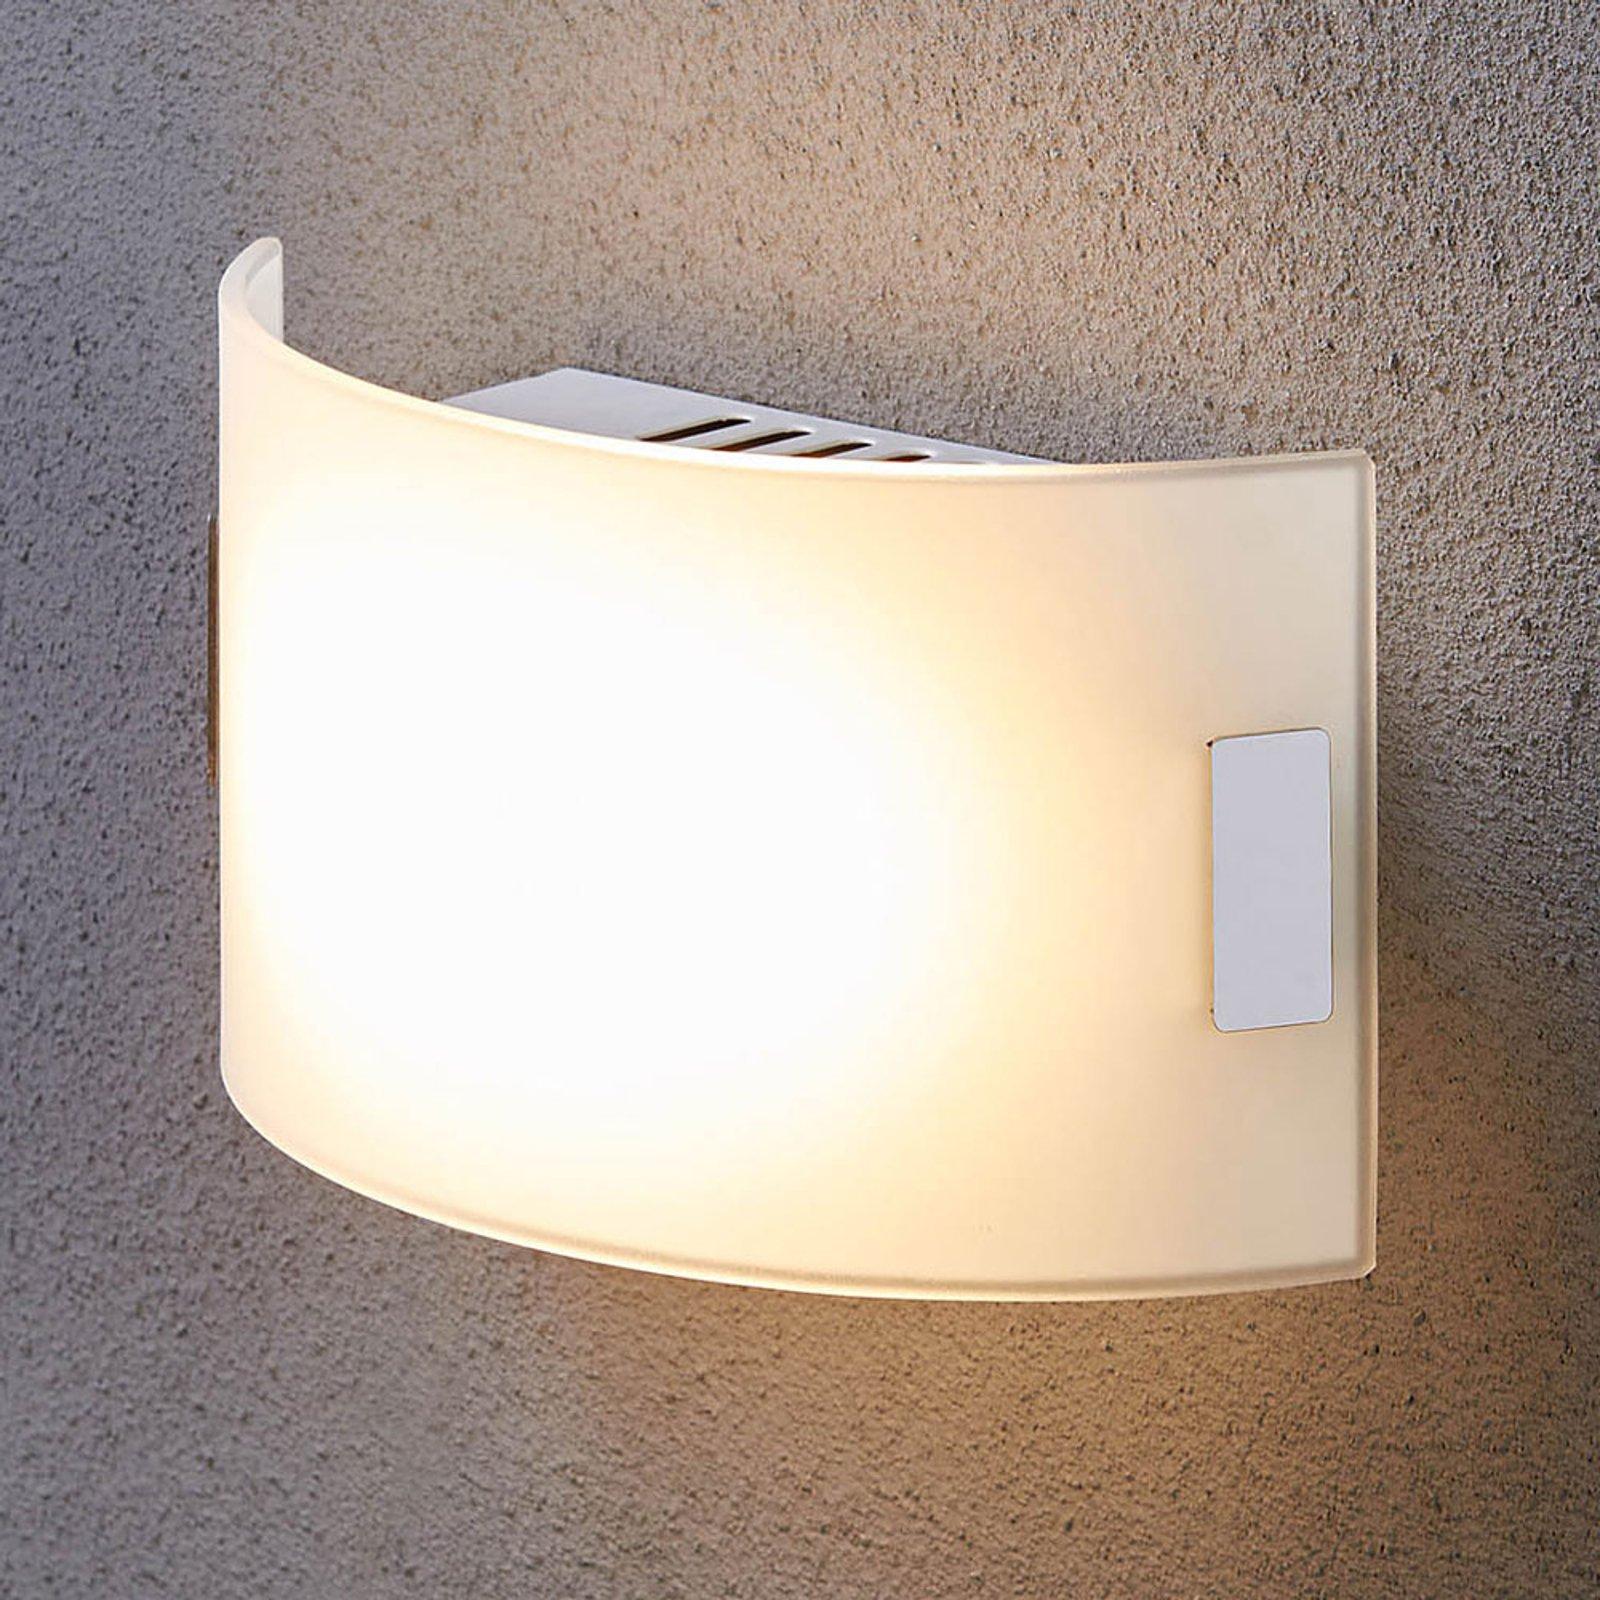 Hvit vegglampe i glass Gisela med LED-lys